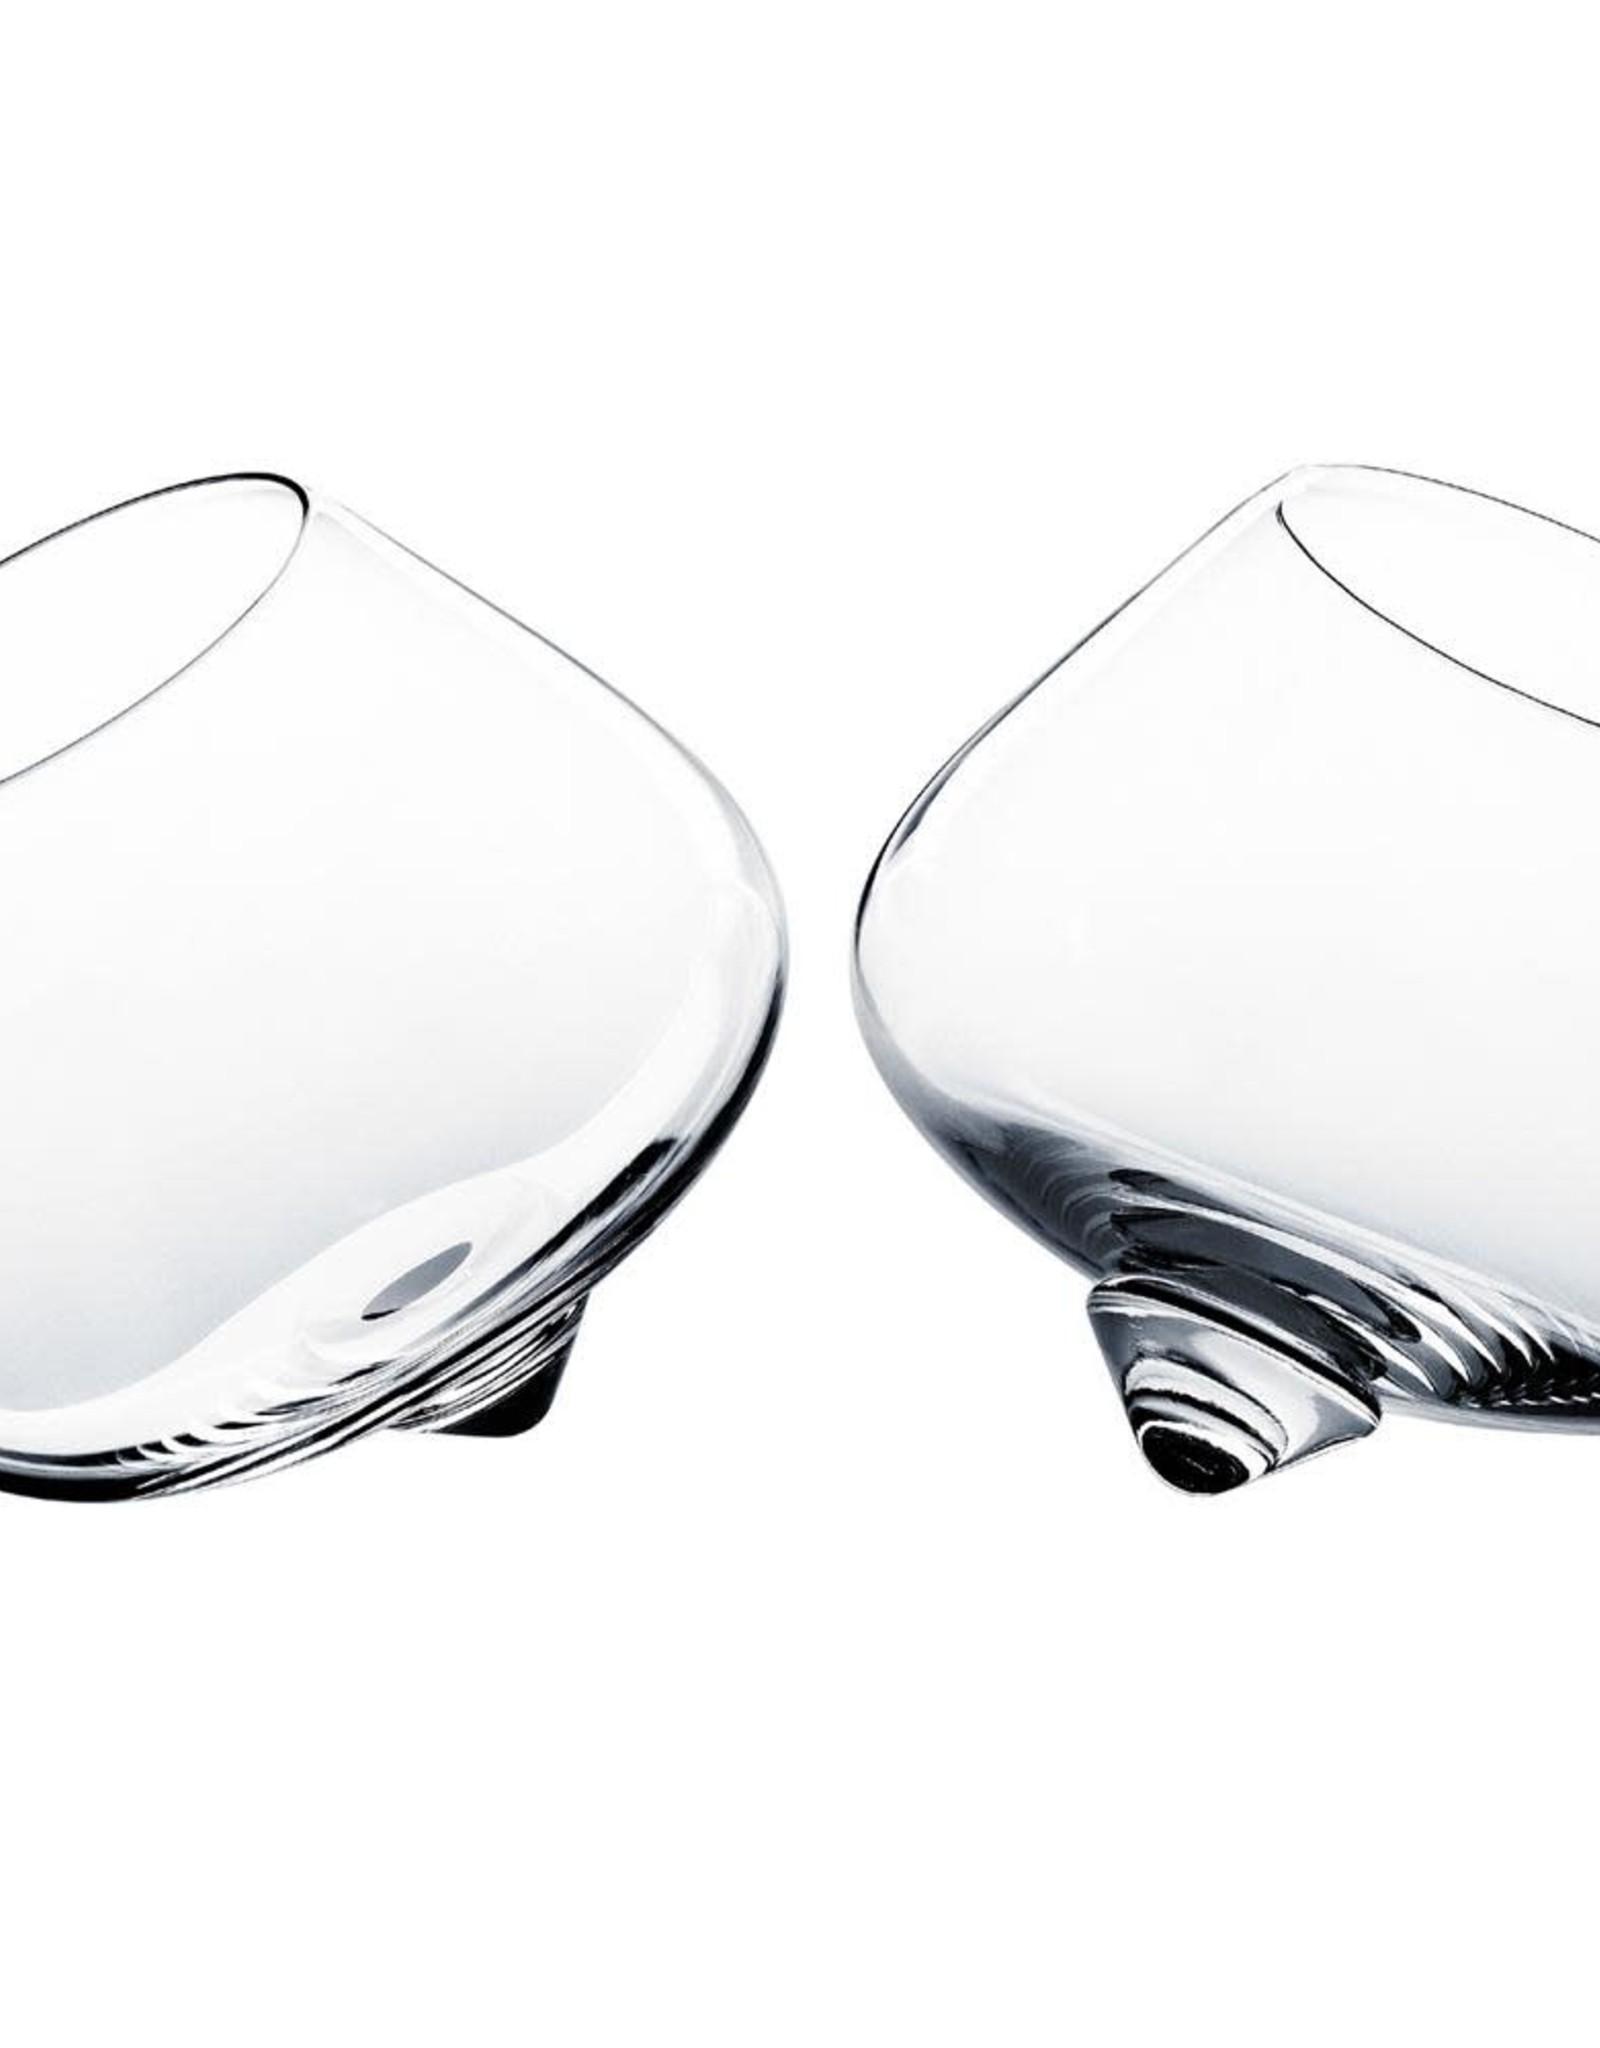 Normann Copenhagen Normann Cognac Glass - 2 pcs, 25 cl Glass